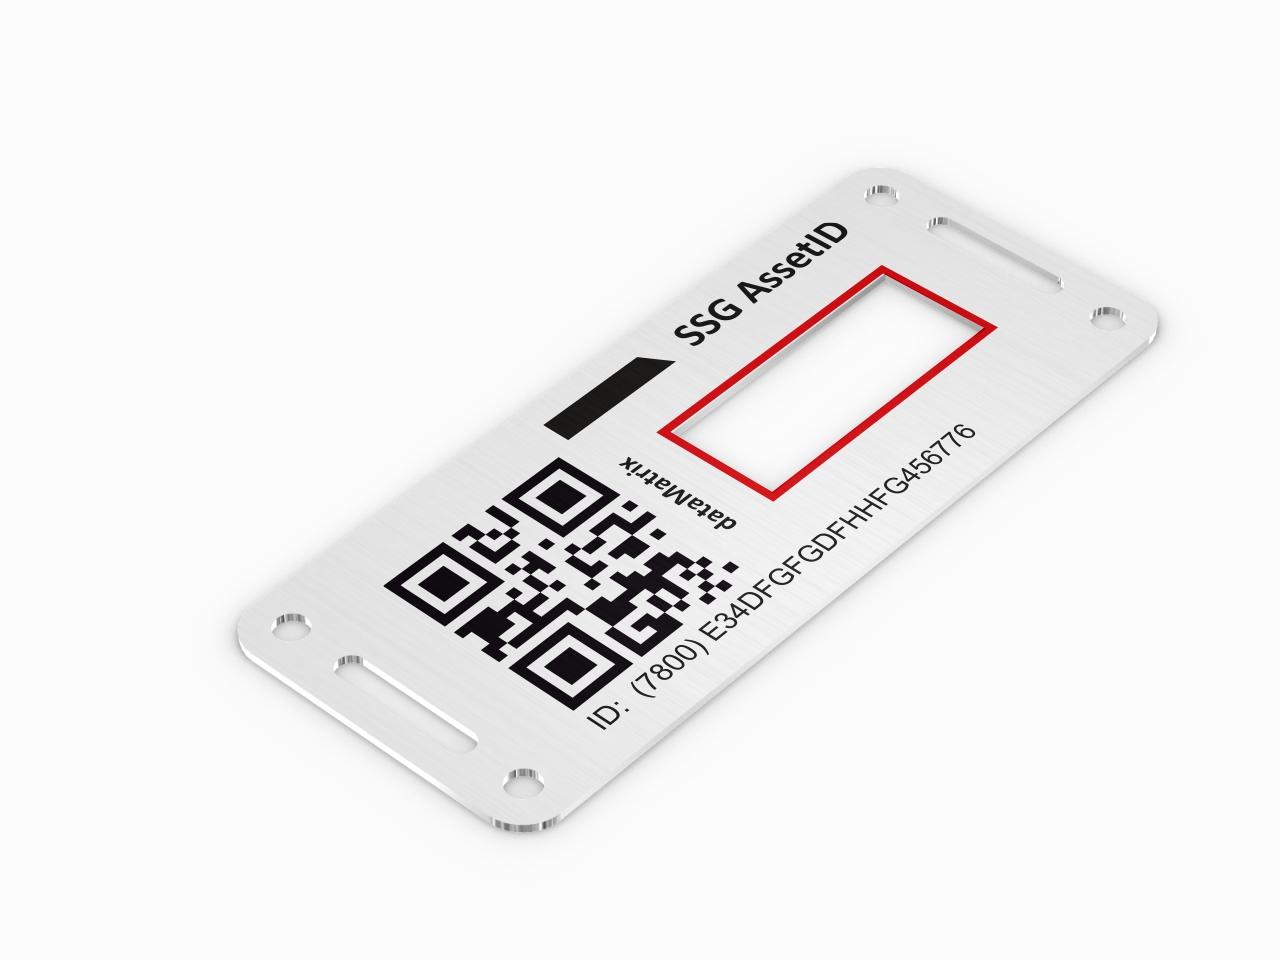 Aluminiowa tabliczka identyfikacyjna z kodem QR i okienkiem na wyświetlacz